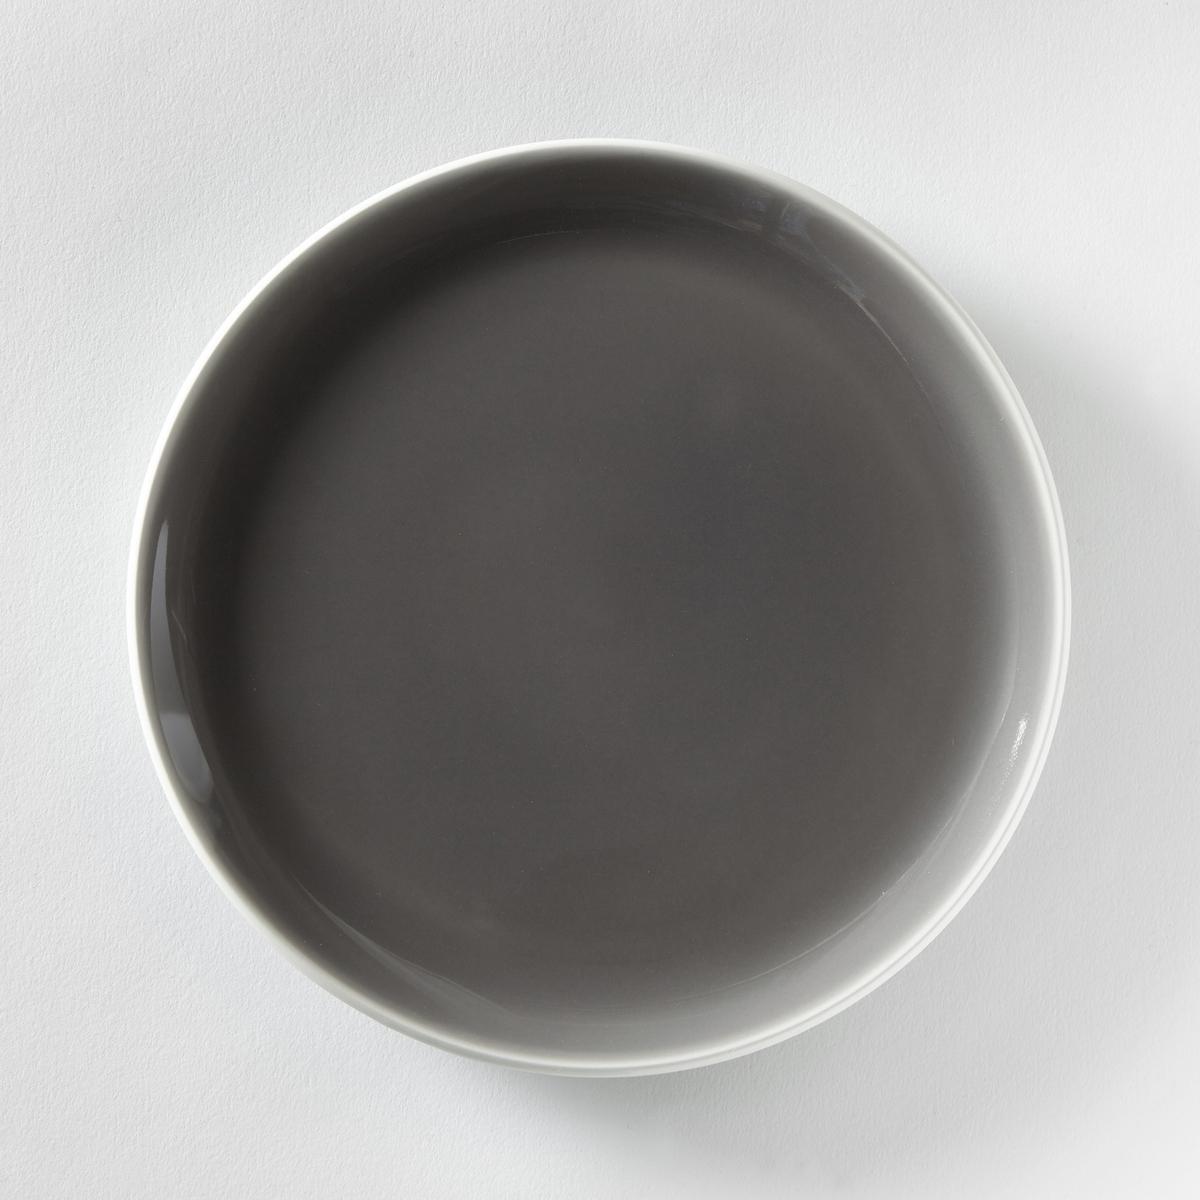 4  тарелки десертныеХарактеристики 4 ультра плоских тарелок десертных с модным дизайном  :- Из фаянса с матовой отделкой  .- Диаметр 21,5 см  .- Можно использовать в посудомоечных машинах и микроволновых печах.Плоские и глубокие тарелки из комплекта продаются на сайте laredoute  .ru<br><br>Цвет: серо-коричневый